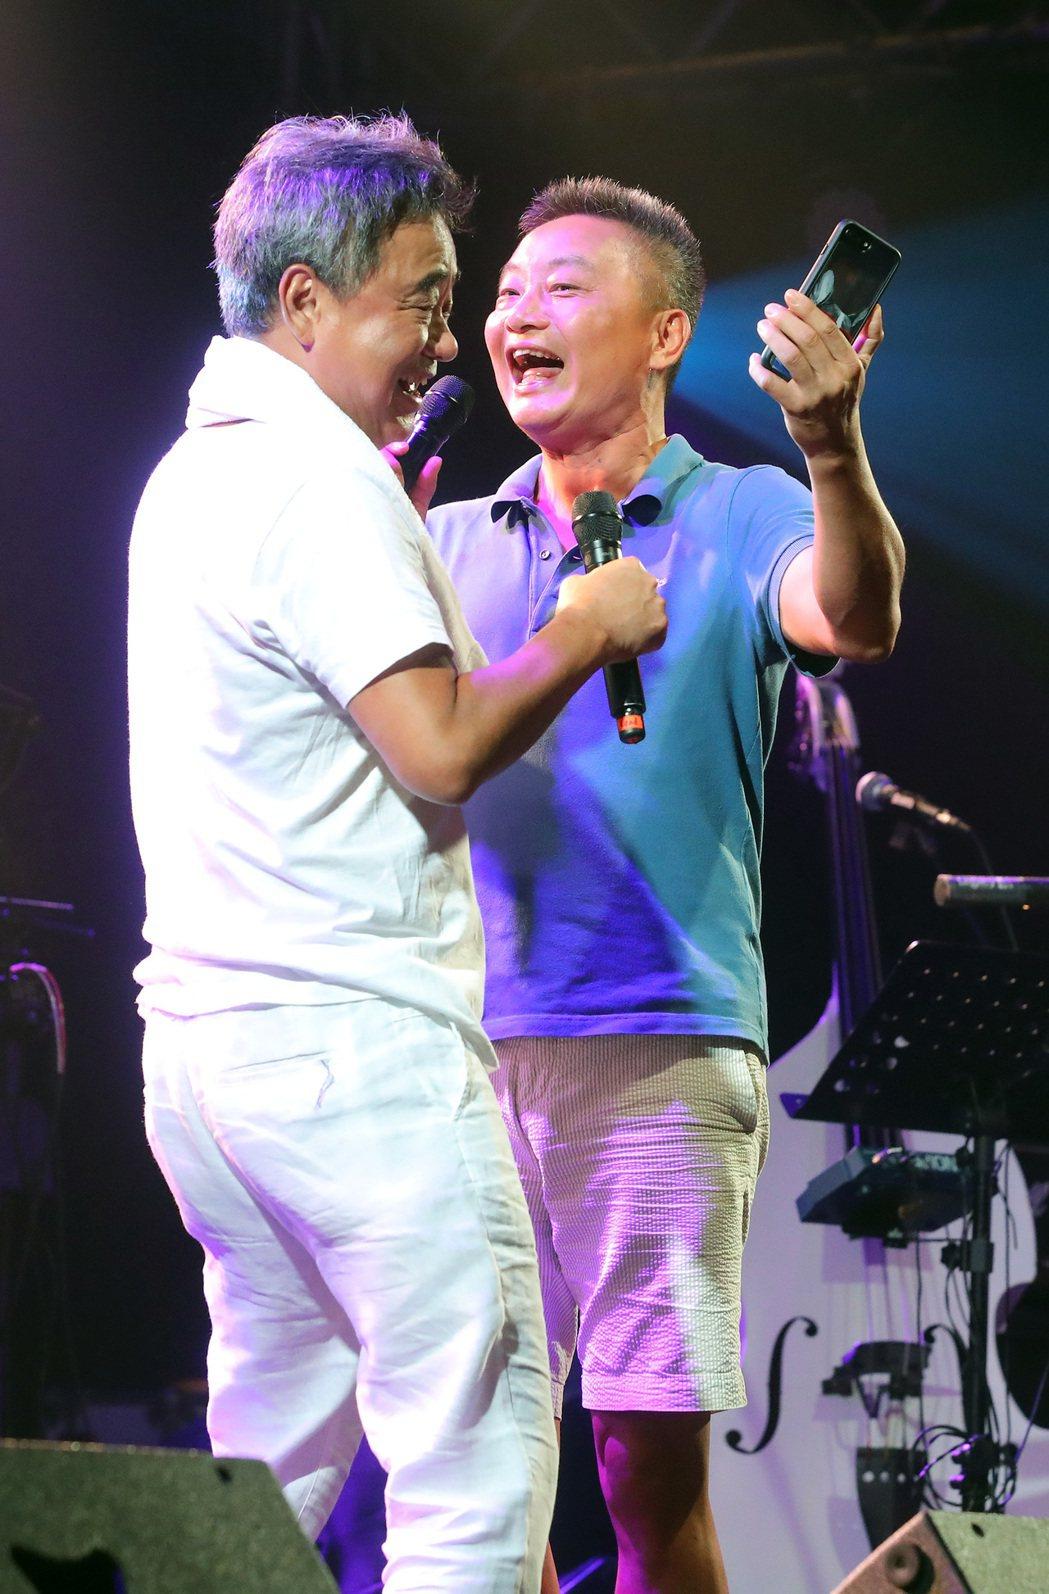 陳昇周五晚開唱,右為昇弟。圖/新樂園製作提供